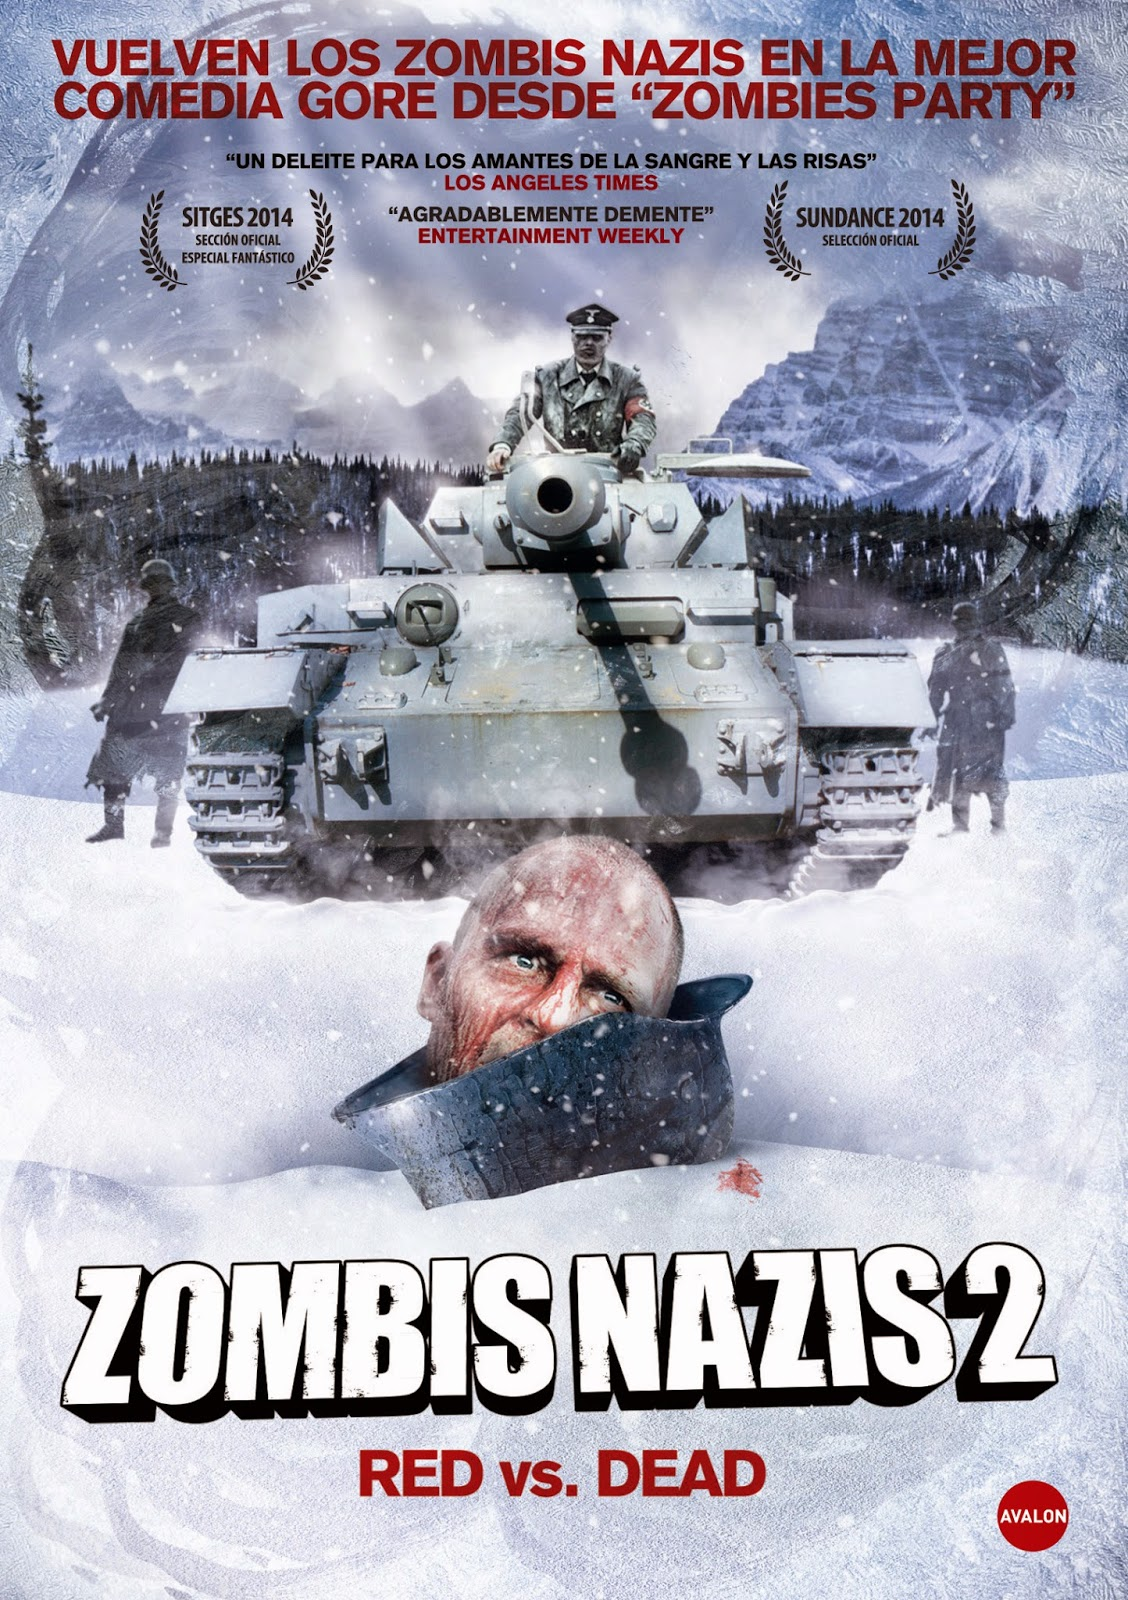 Zombies Nazis 2